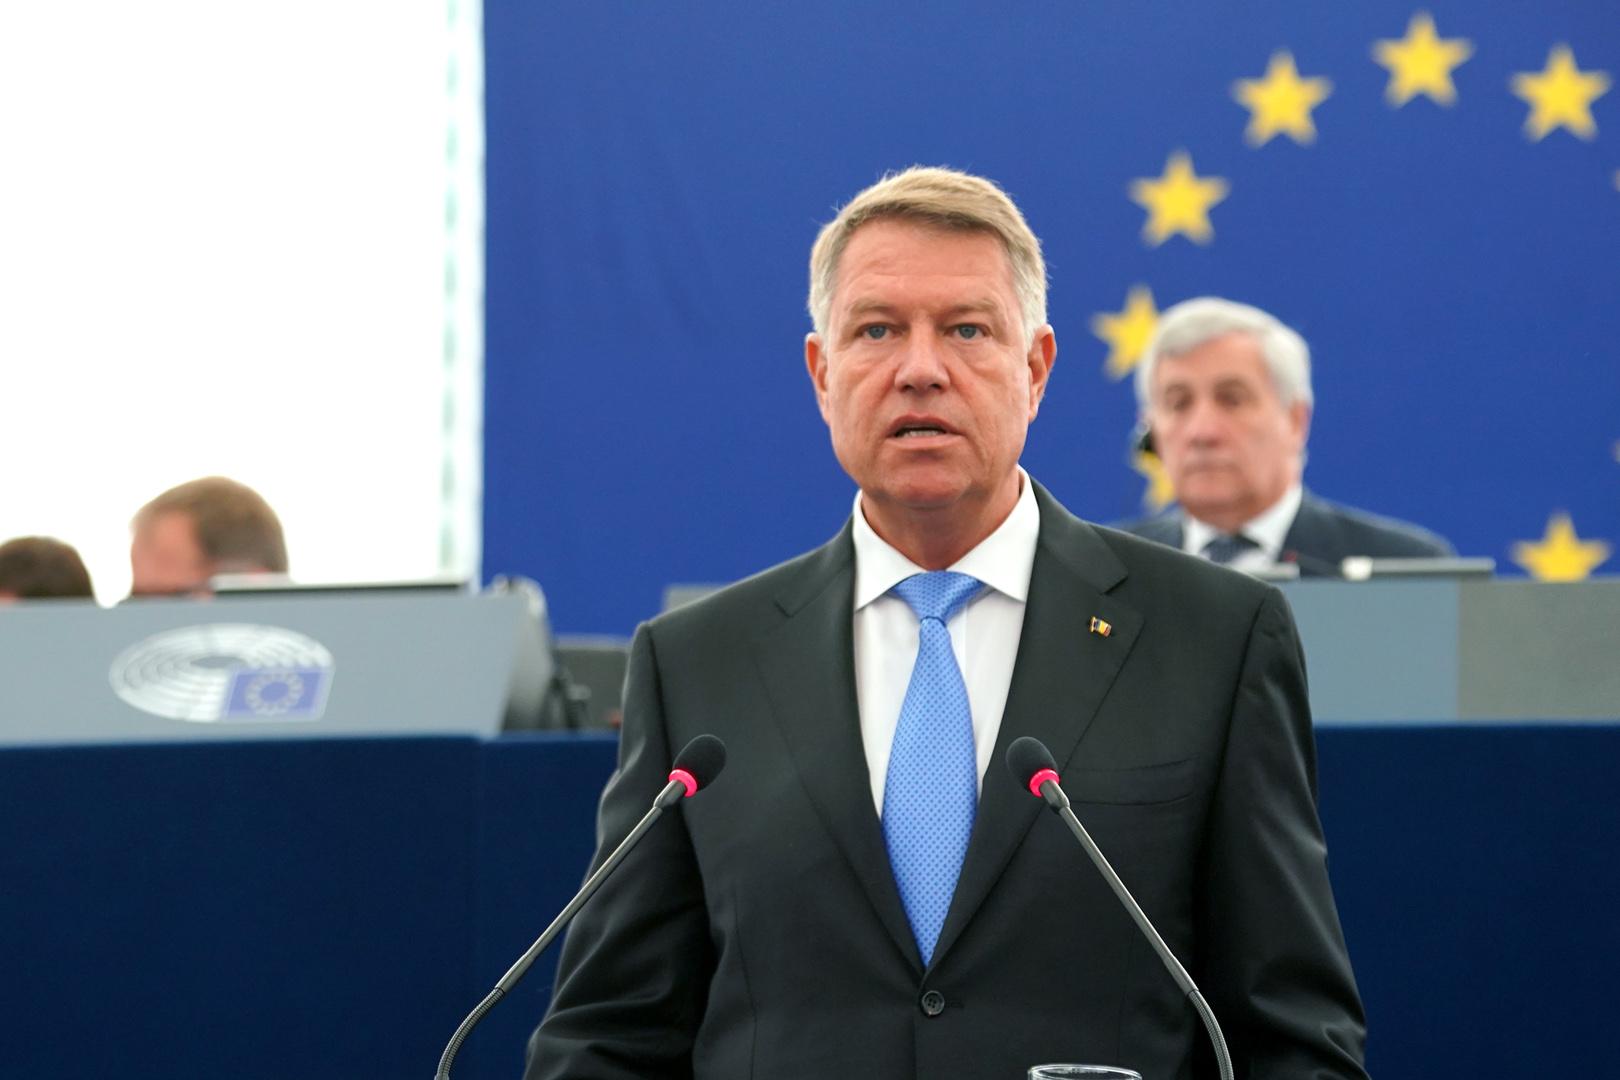 Iohannis vrea mai mulți bani pentru agricultură. Miza reuniunii Consiliului European